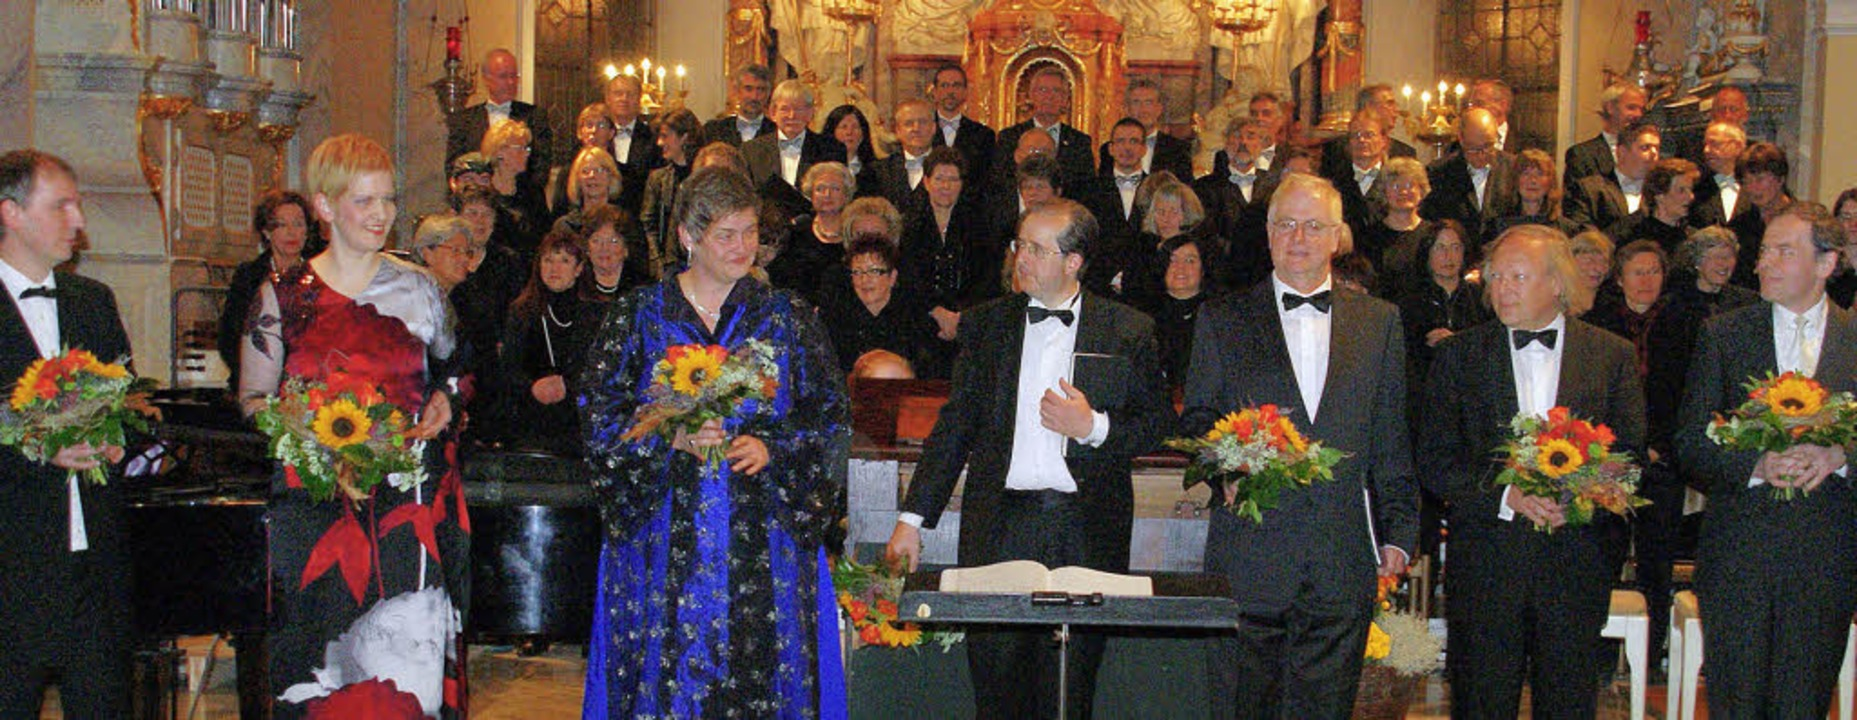 Viel Applaus und Blumen gab's am...chenkonzerts am Sonntagabend in Wehr.   | Foto: Hrvoje Miloslavic